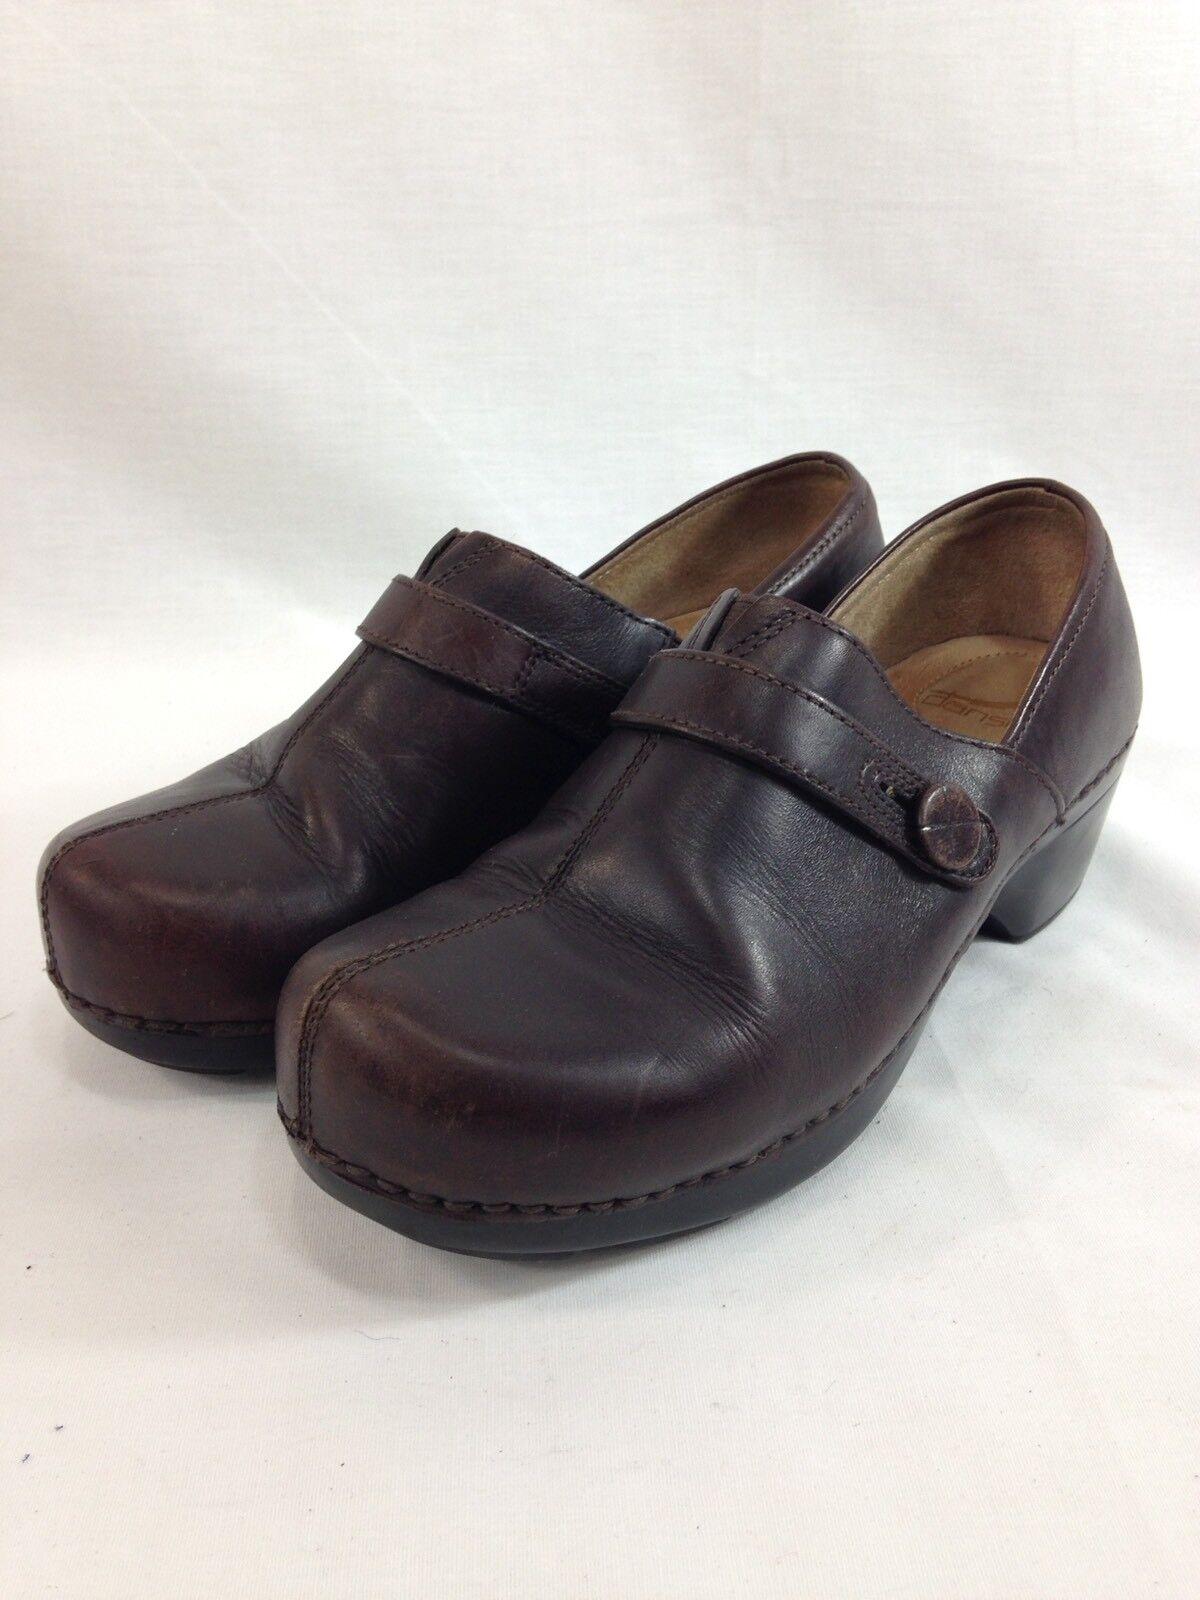 Dansko Zapatos para mujer EU 39 nos nos nos 8.5 Marrón Cuero Slip On Suecos botón Comodidad Mula  Envíos y devoluciones gratis.